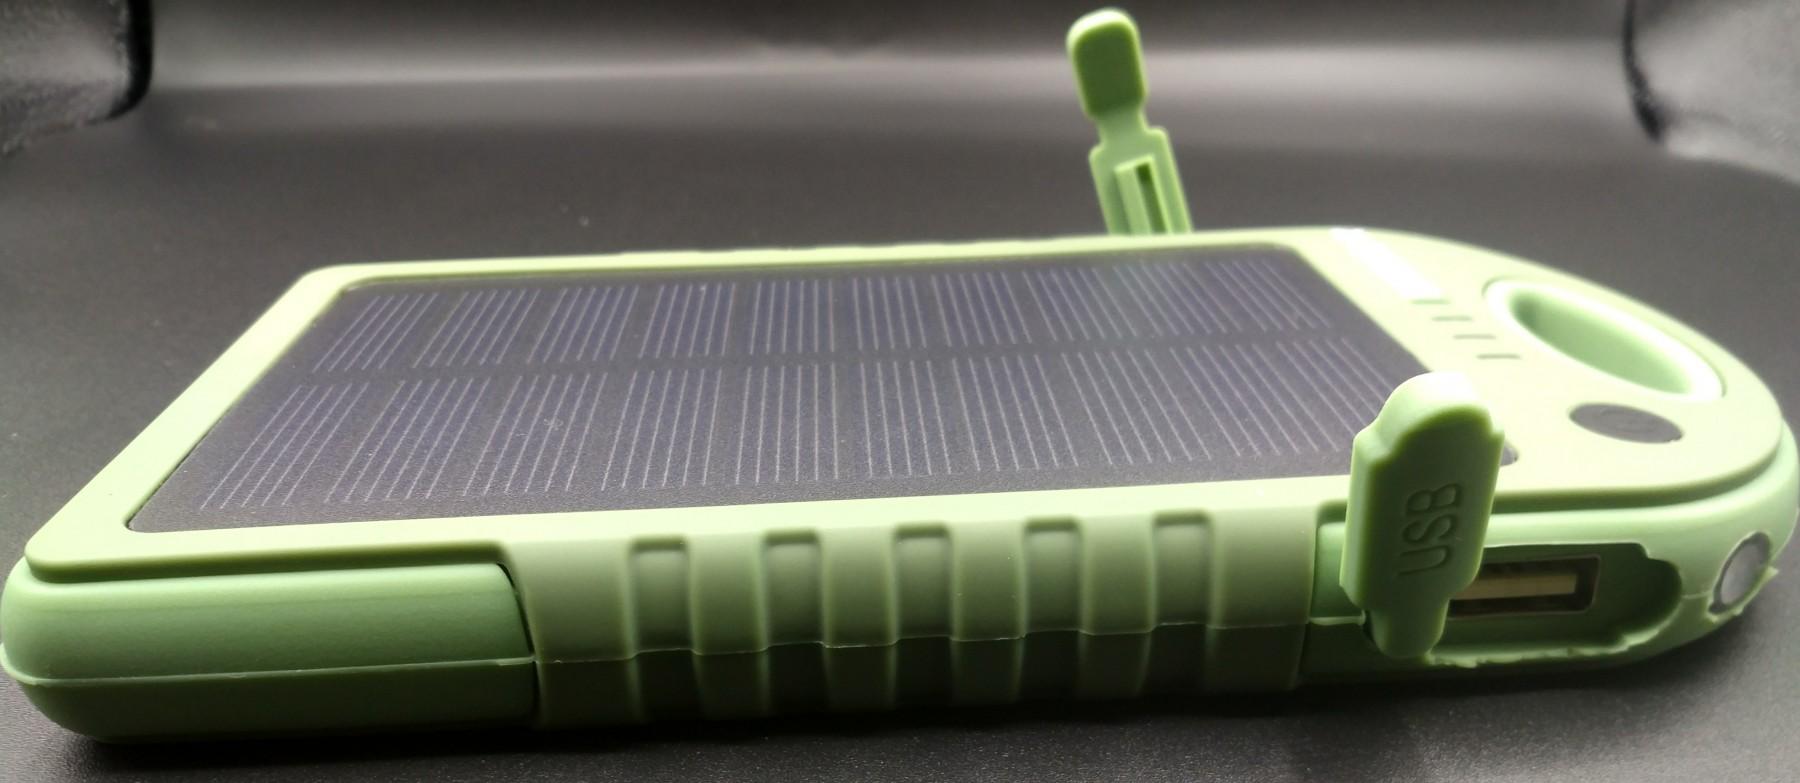 Batterie externe 12000mah solaire